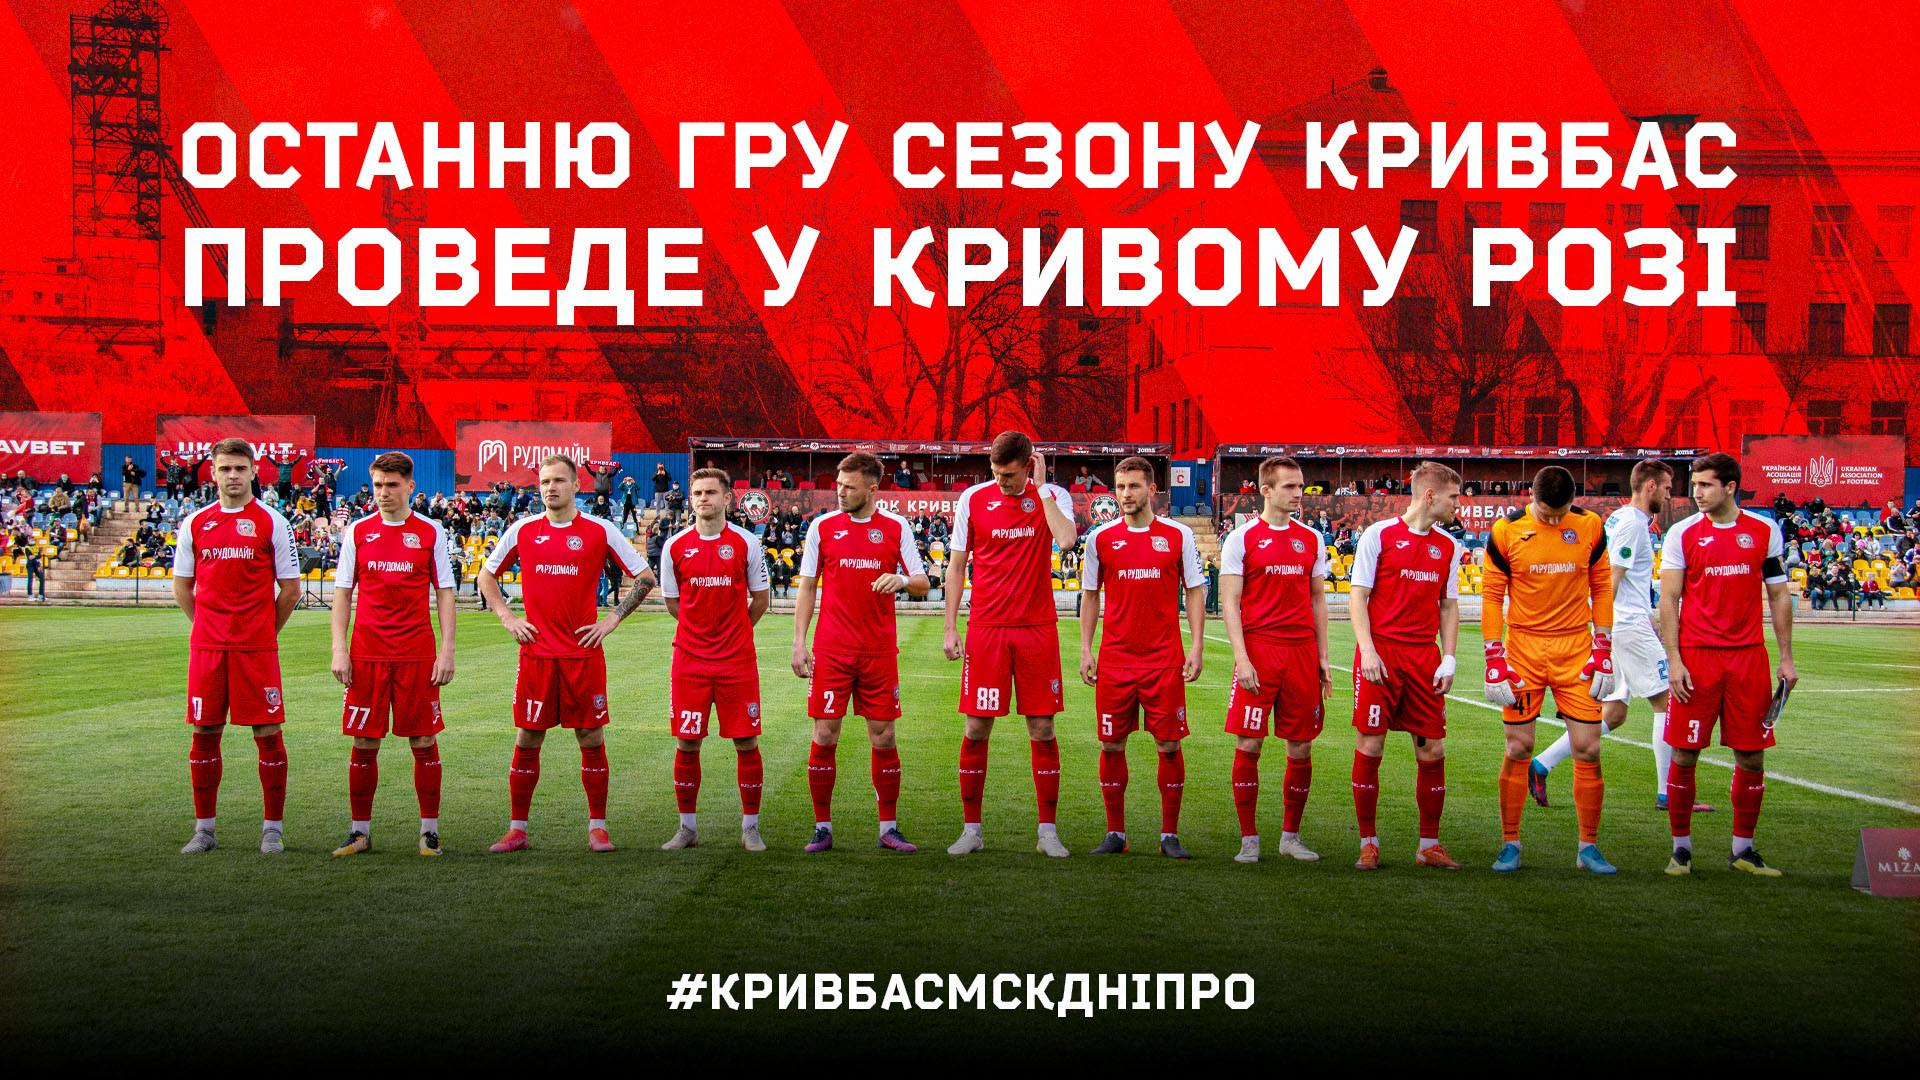 """Останню гру сезону """"Кривбас"""" проведе у Кривому Розі!}"""